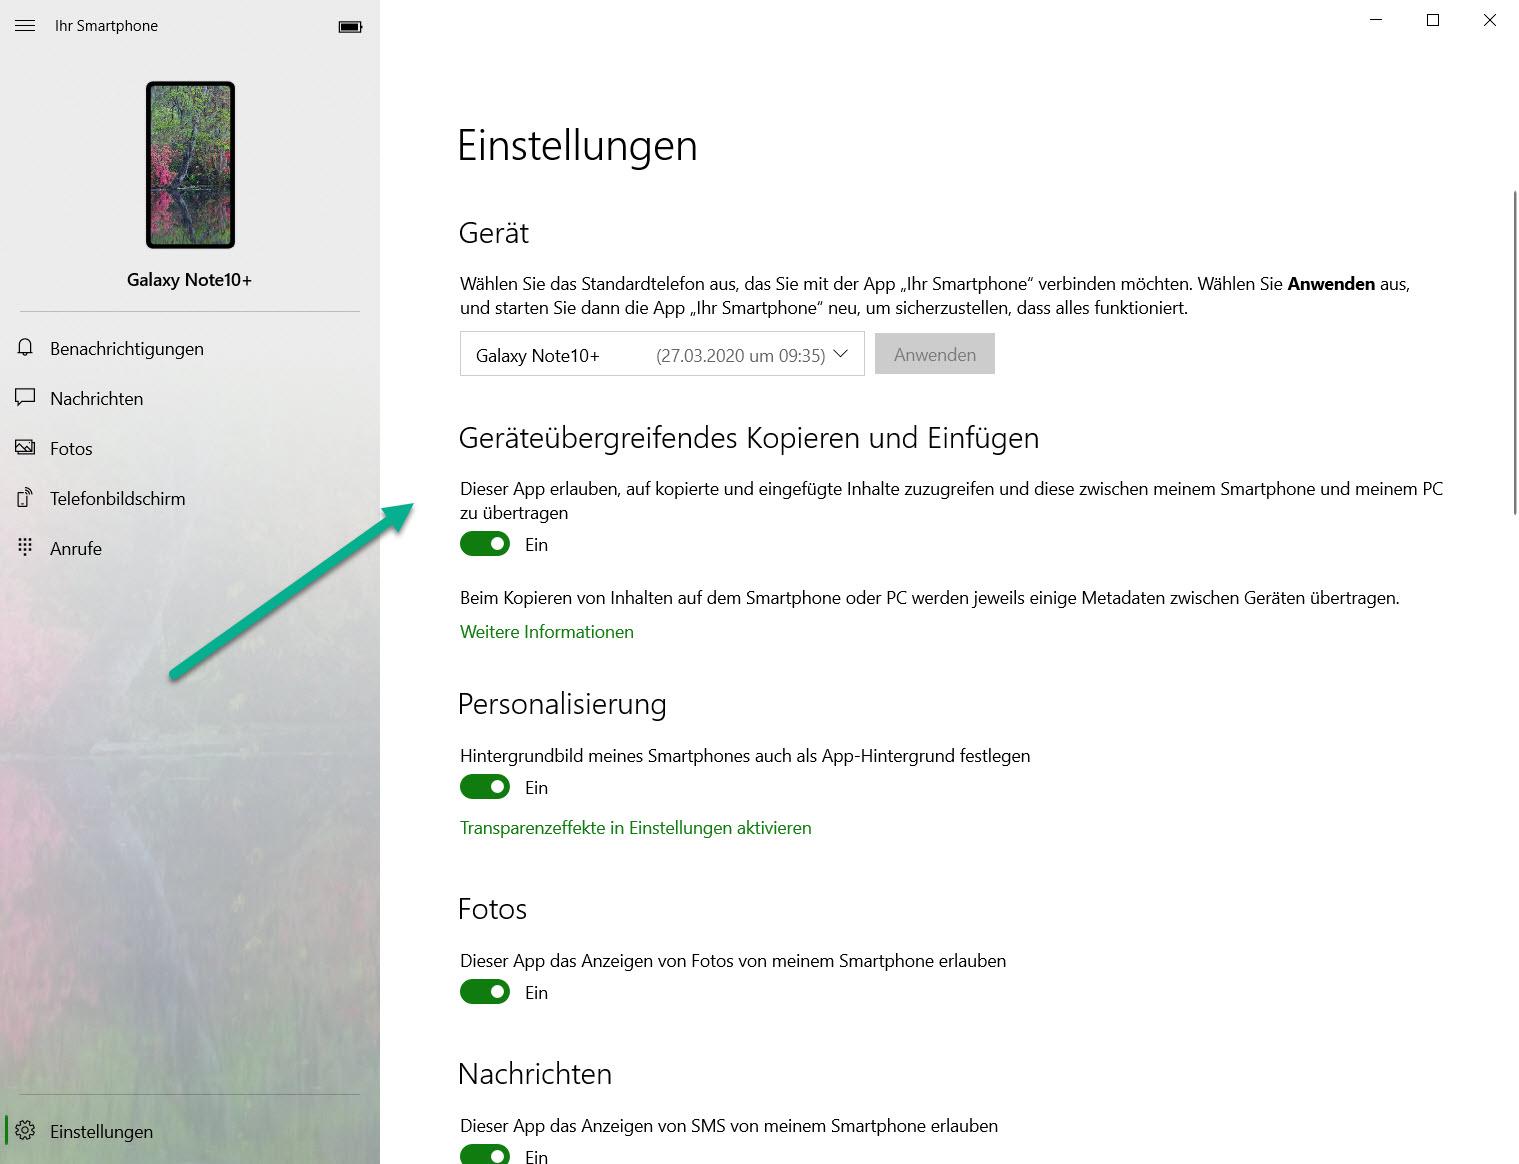 Geräteübergreifendes Kopieren und Einfügen in der App Ihr Smartphone